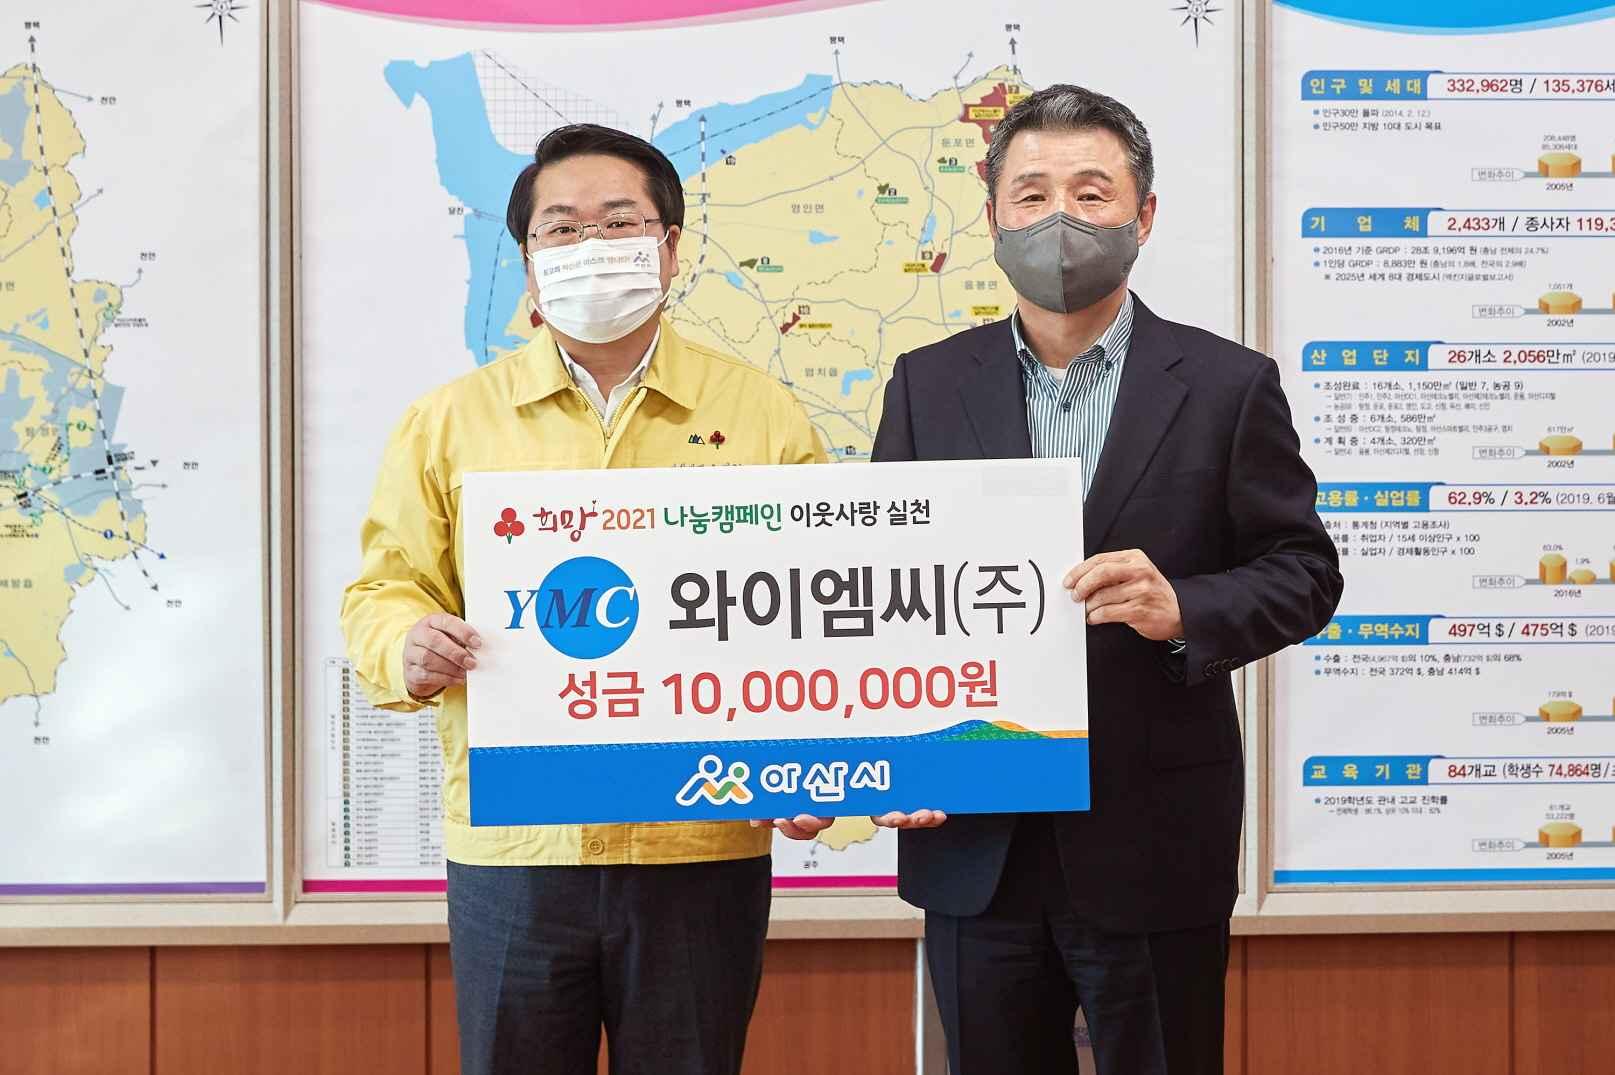 와이엠씨㈜, 아산시에 취약계층 지원 성금 1000만원 기부  관련사진